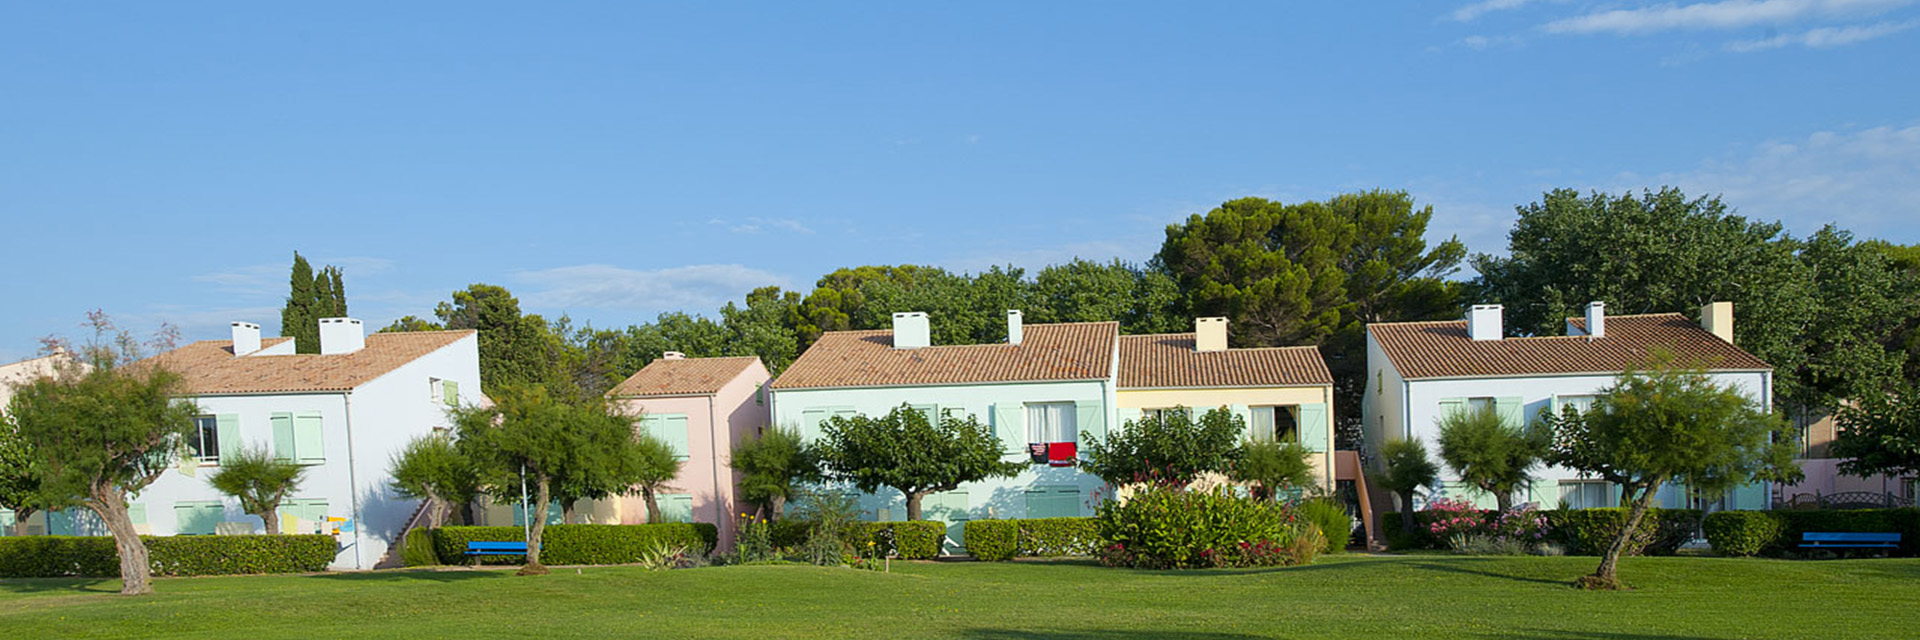 Village_club_vacances_mediterranee-sud-est-village-club-thalasse-maisonnette